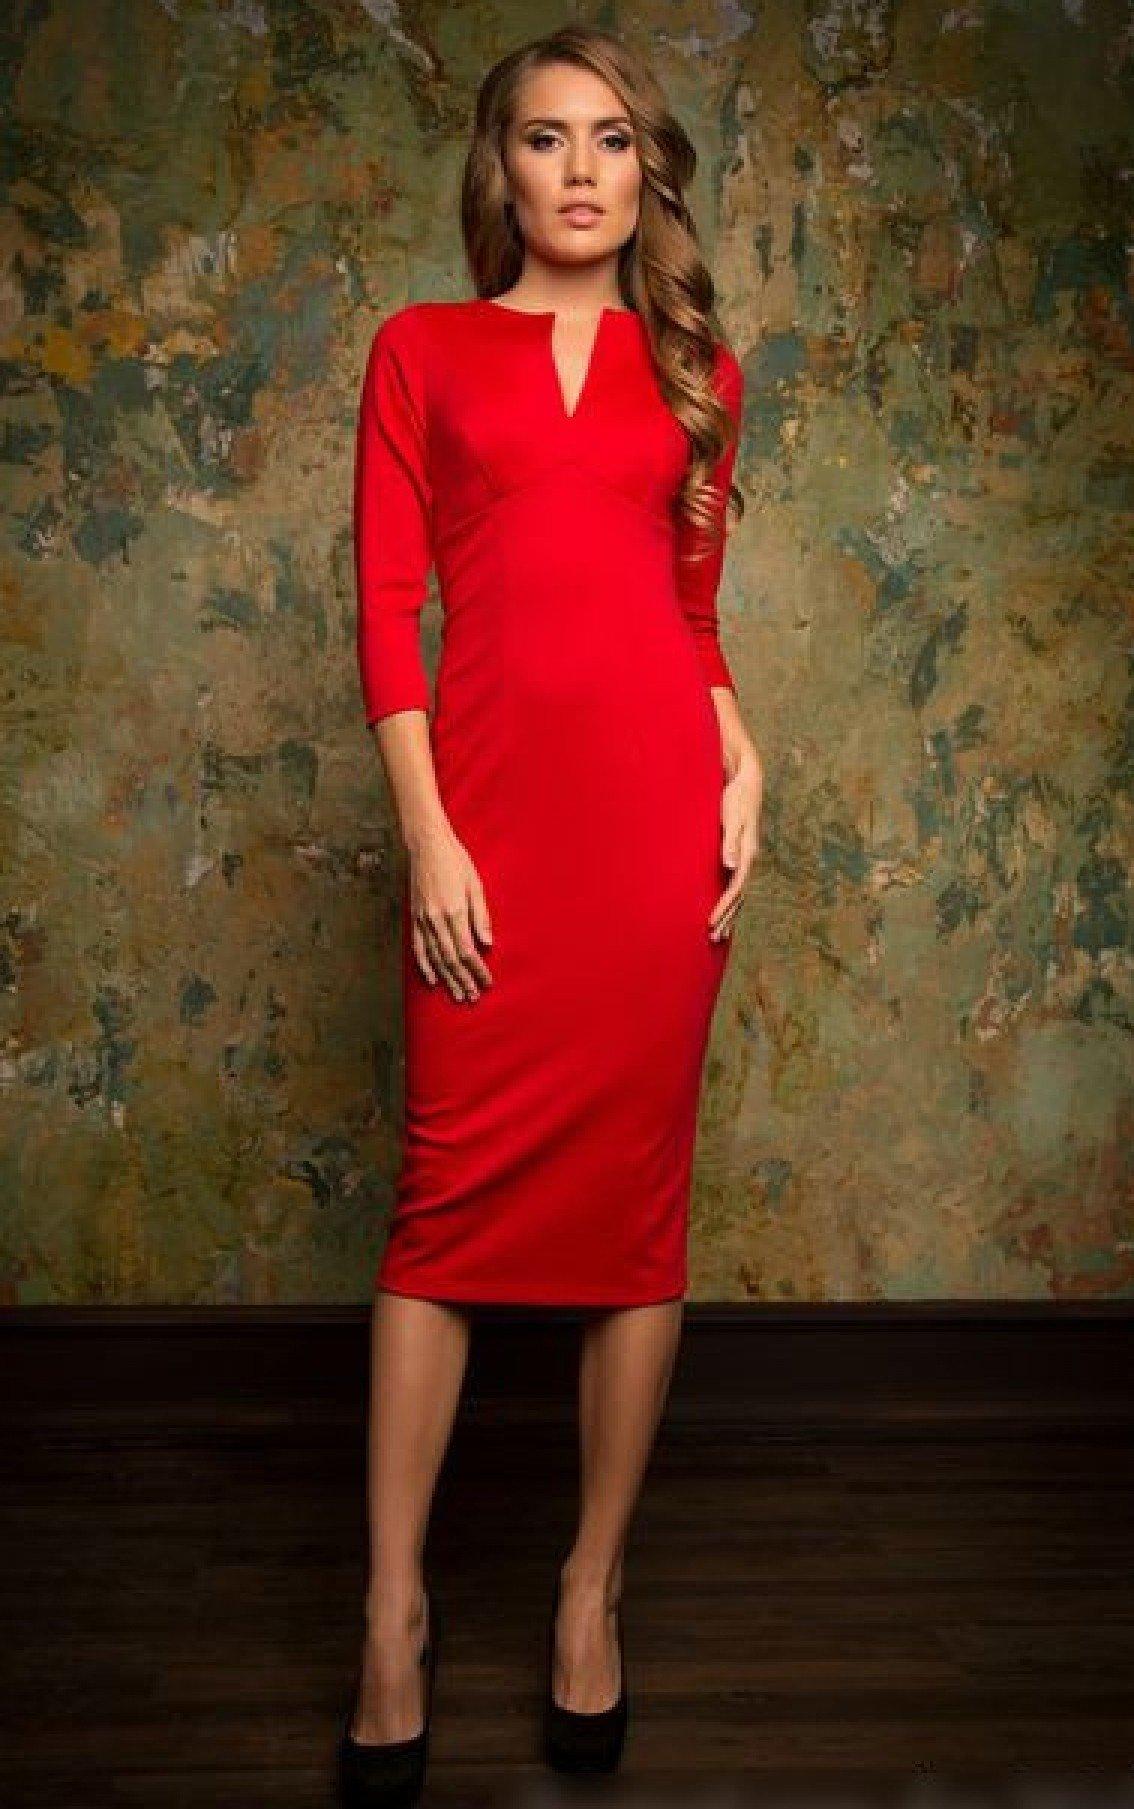 757115f8366e06c Красное платье-футляр длиной ниже колена.» — карточка пользователя o ...